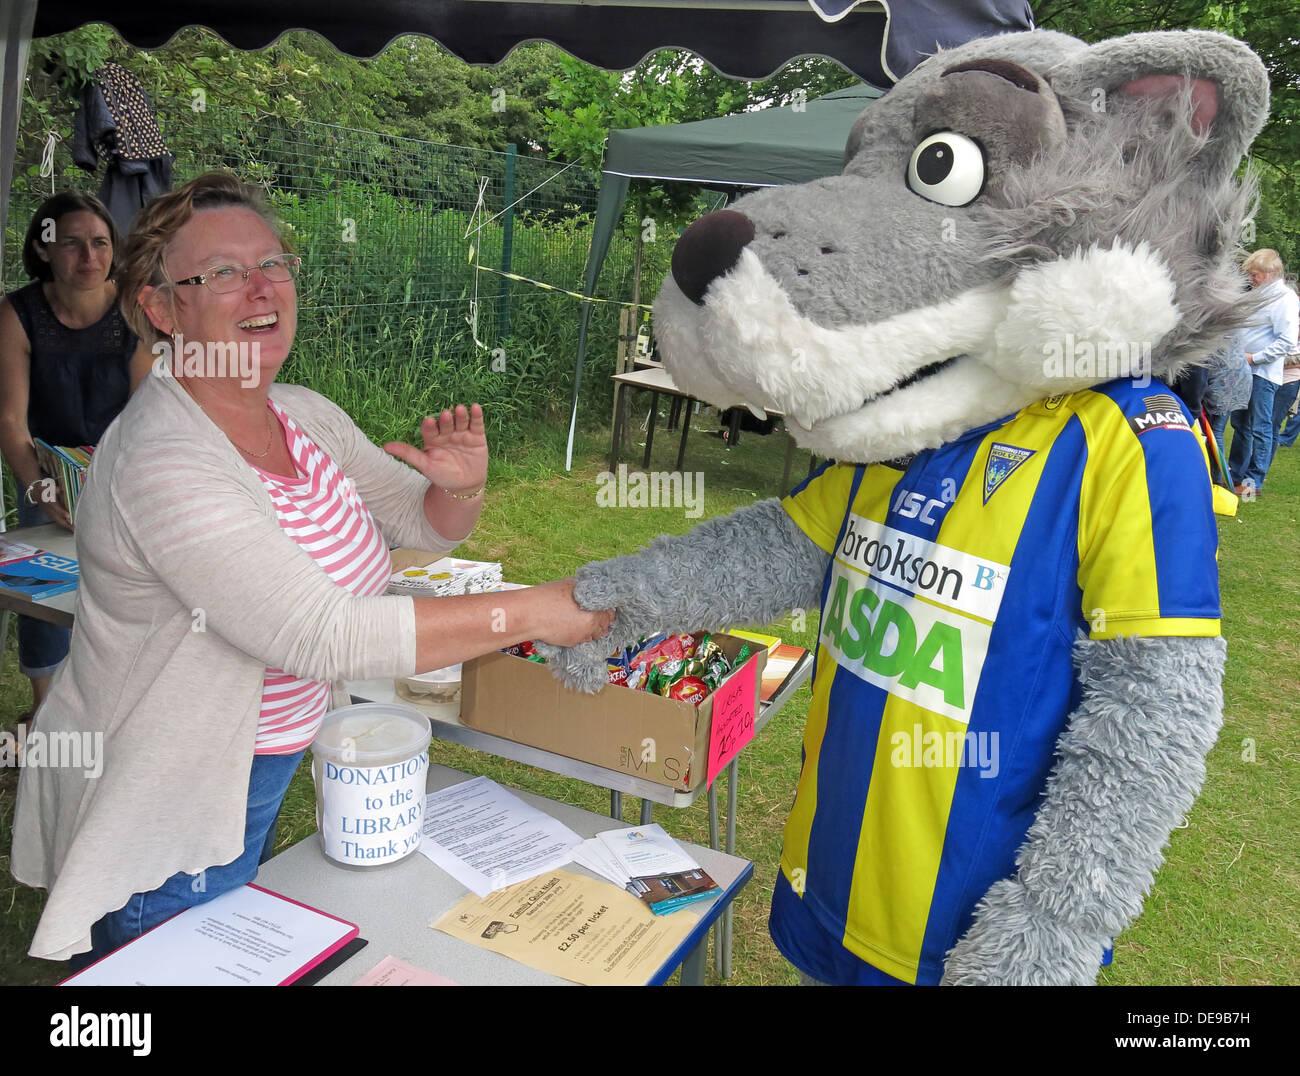 Laden Sie dieses Alamy Stockfoto Warrington Wölfe Maskottchen Wolfie in Grappenhall Wandertag, Gemeindebibliothek stall, Warrington, Cheshire, England, UK - DE9B7H